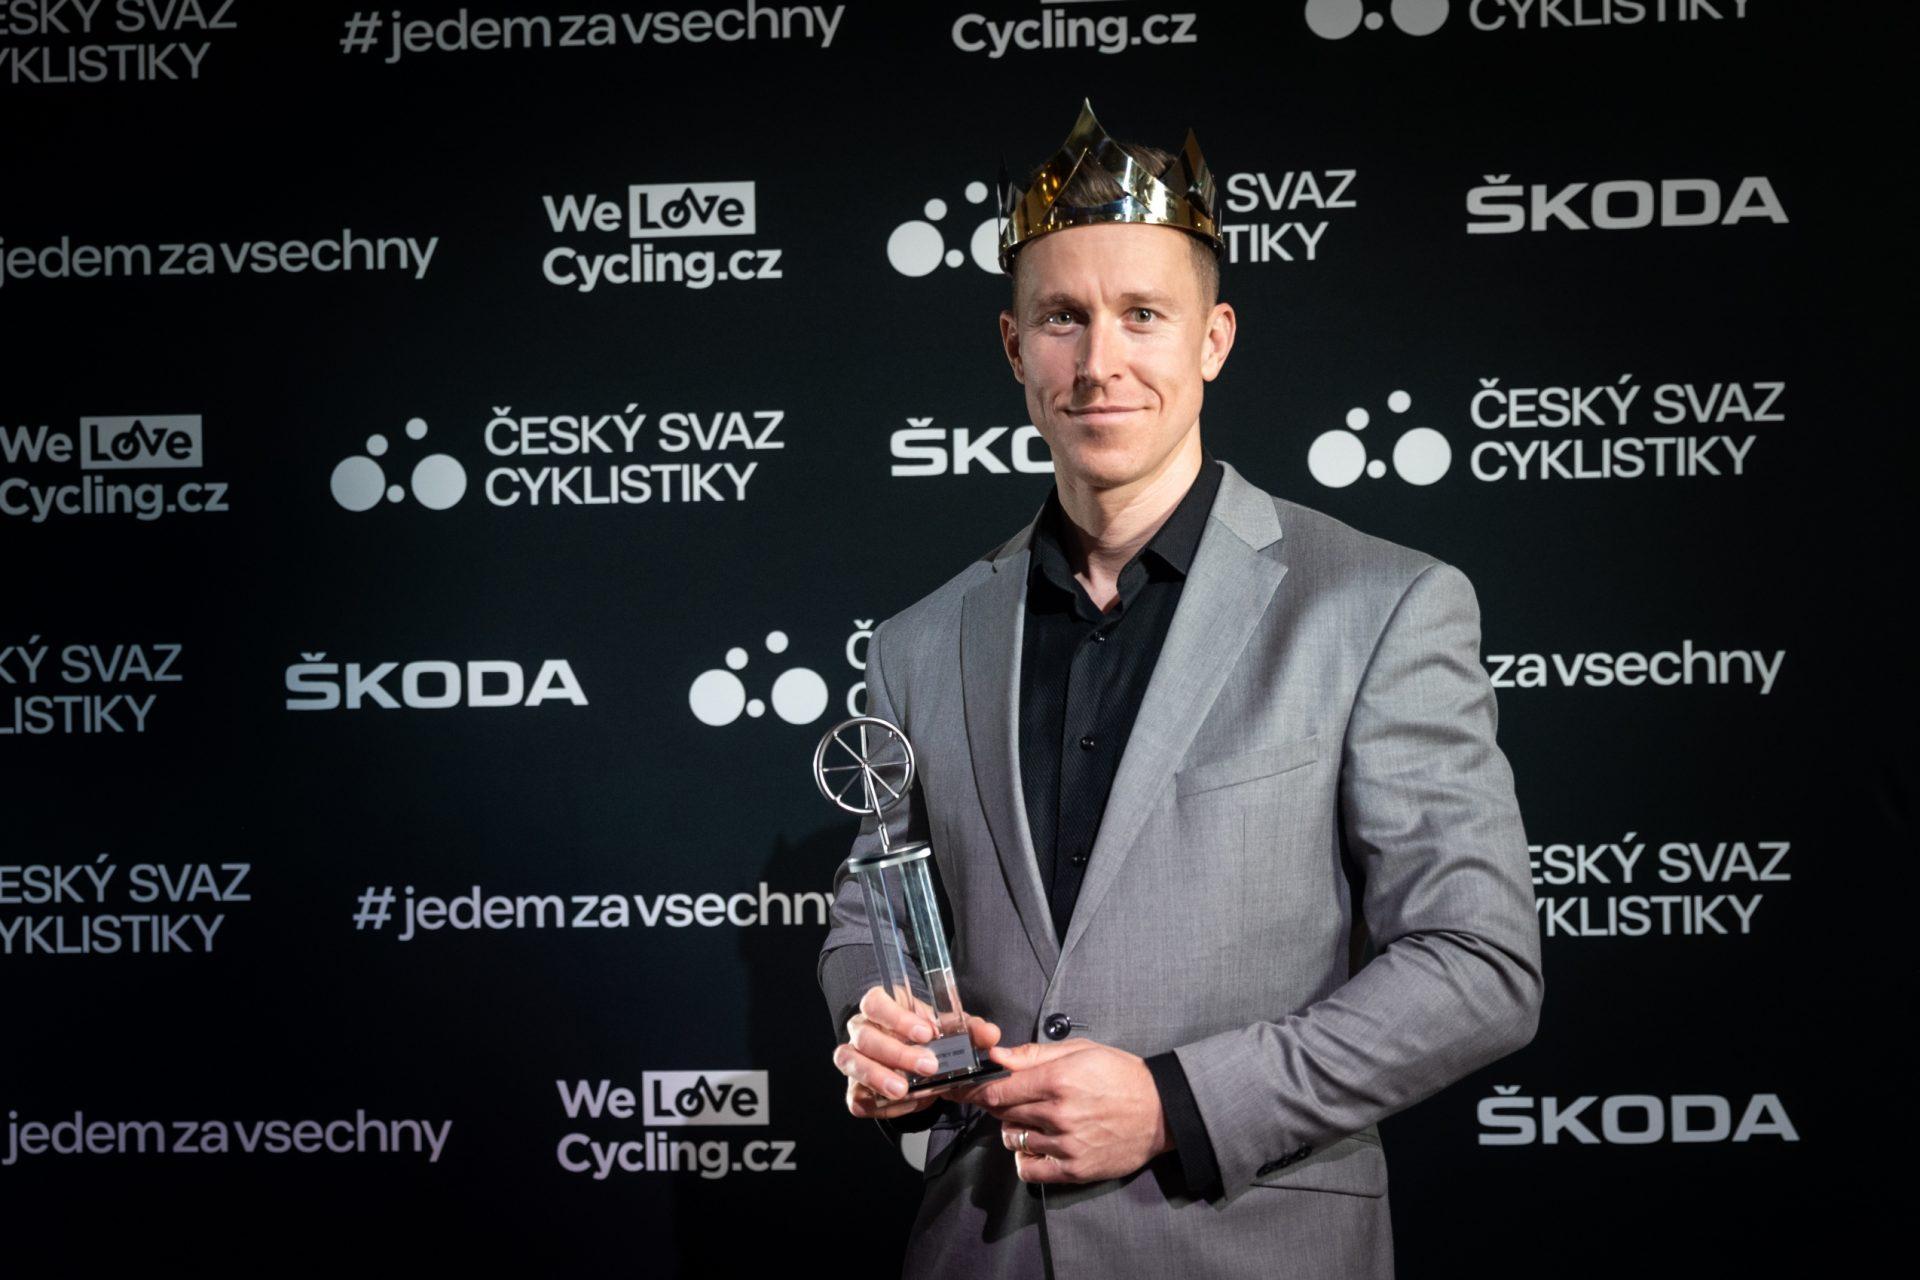 Tomá Bábek podruhé v kariéře ovládl anketu Král cyklistiky. Prvně slavil triumf v roce 2017. Foto: Michal Červený